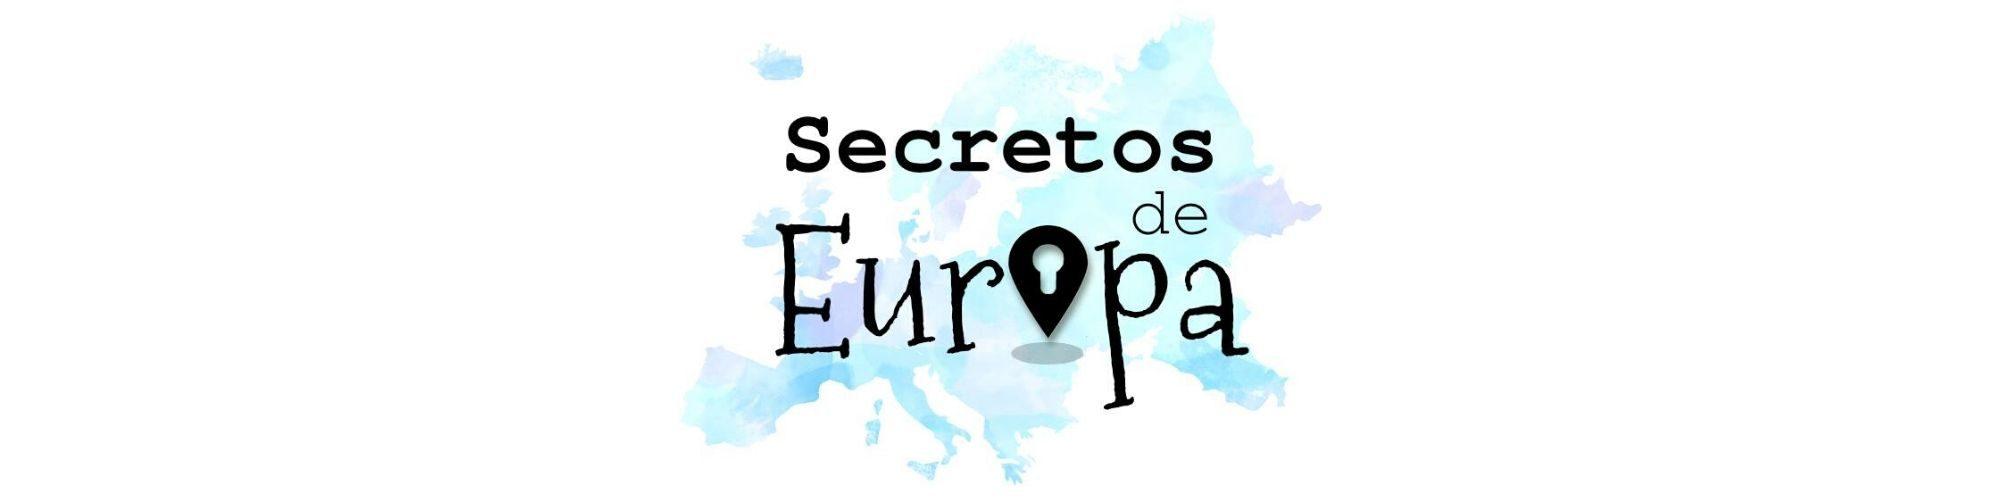 Secretos de Europa